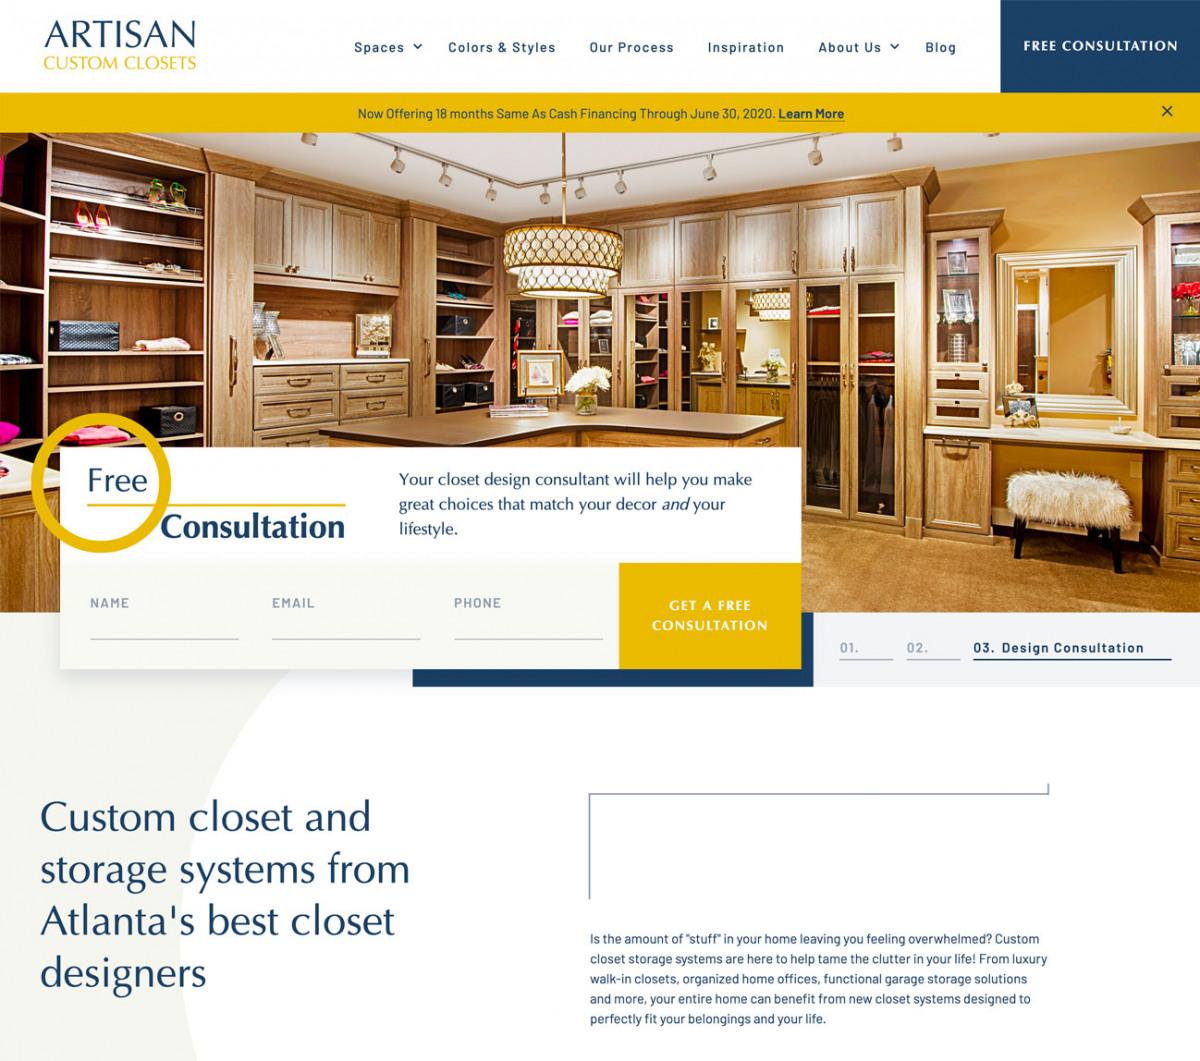 Image of website for Artisan Custom Closets